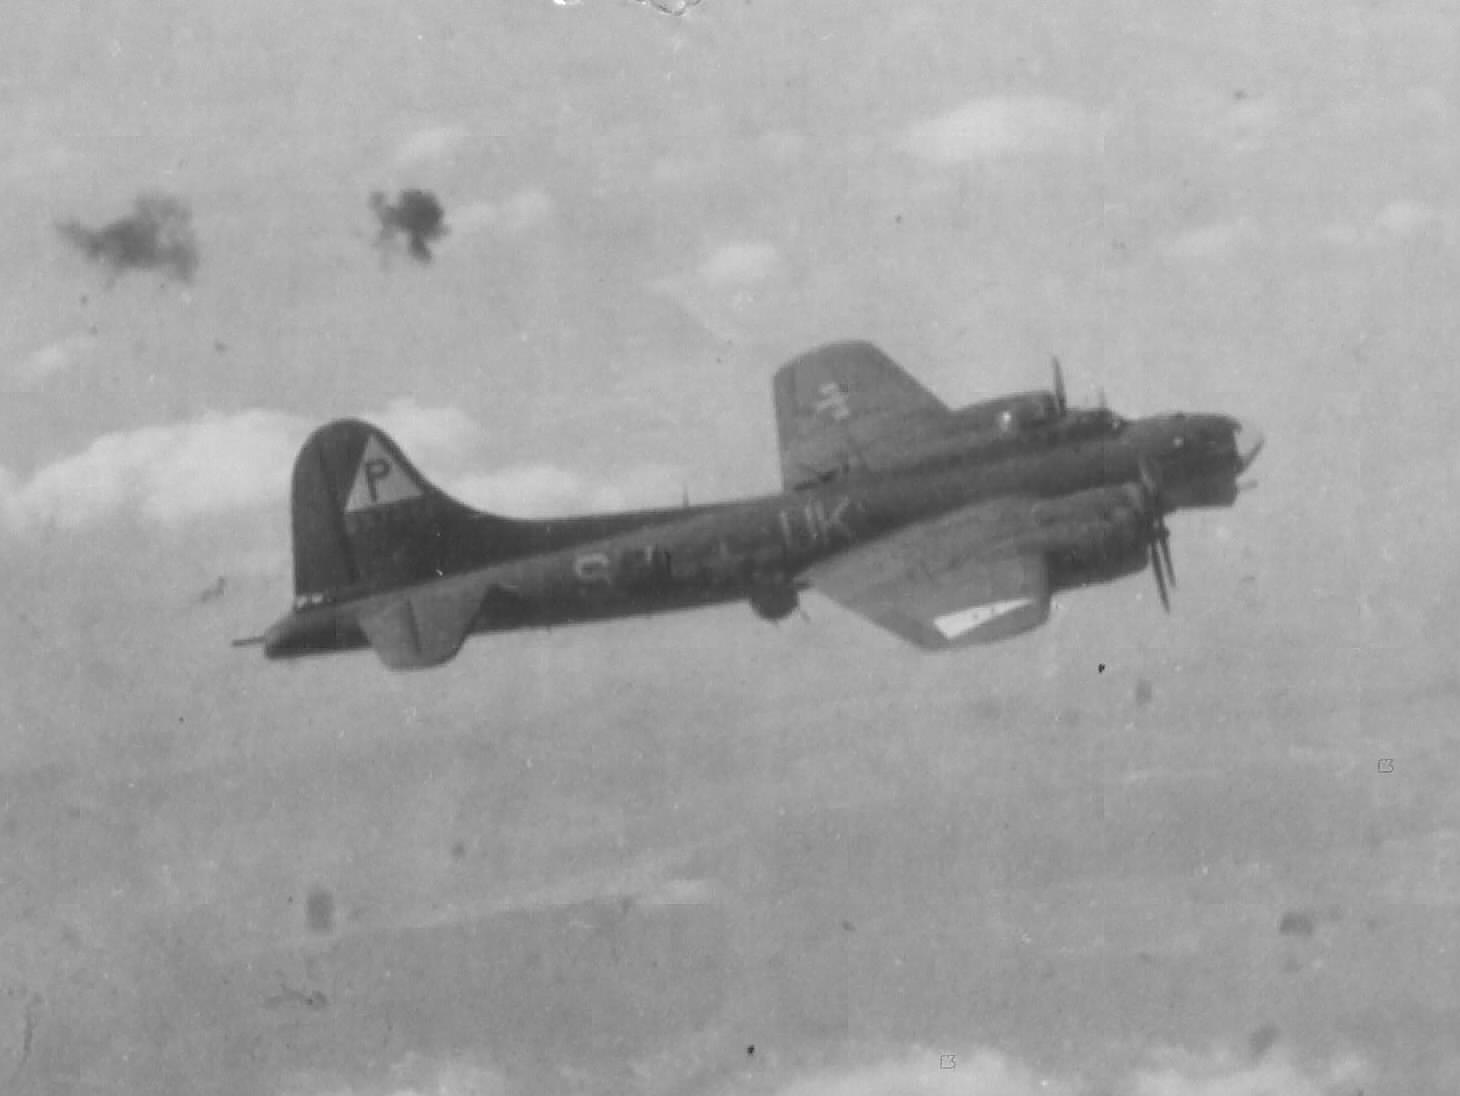 B-17 #42-37982 / Tremblin' Gremlin'